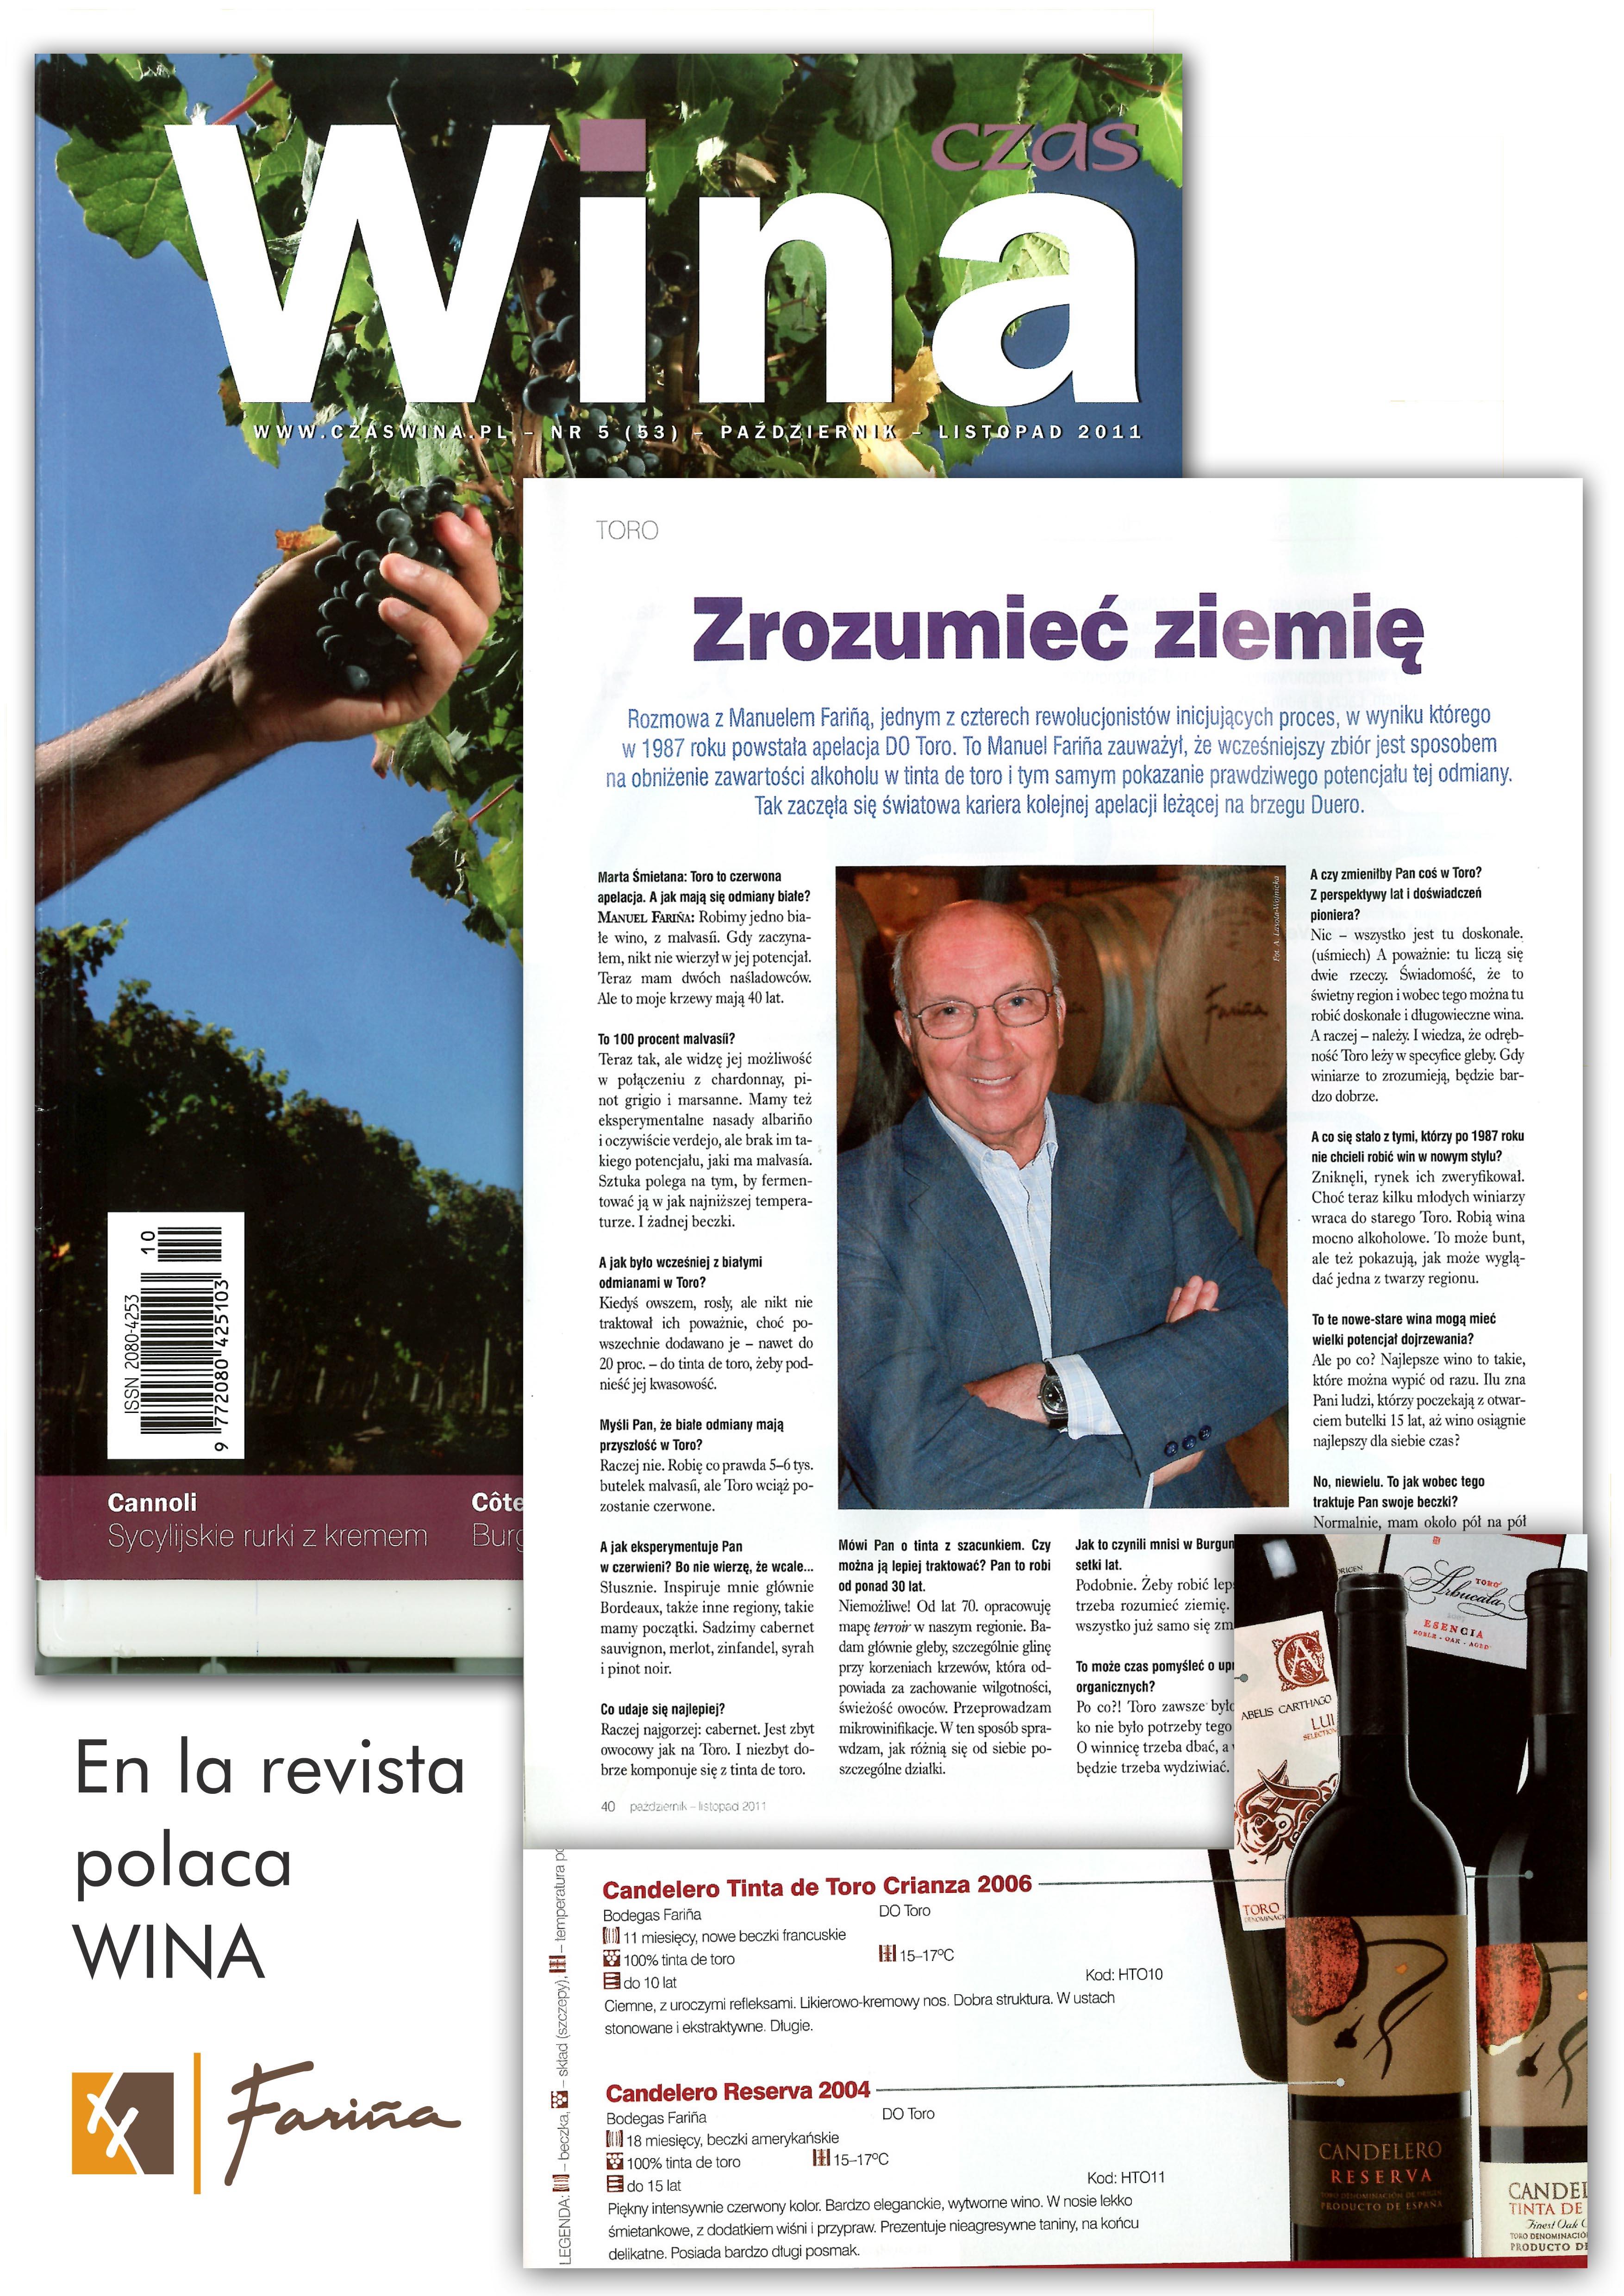 Fariña, en la revista polaca WINA